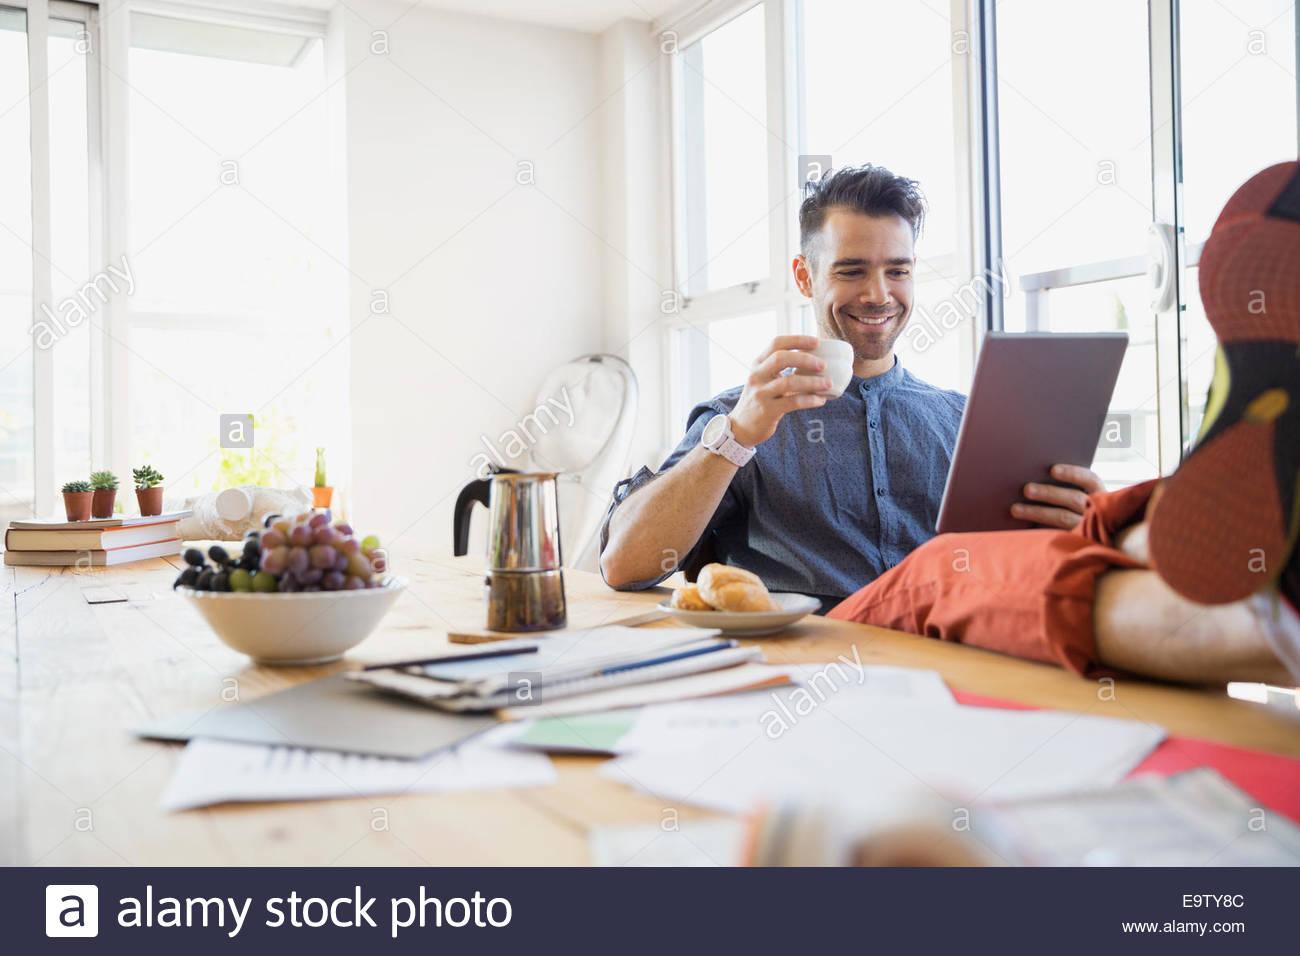 Hombre utilizando tableta digital con los pies en la tabla Imagen De Stock